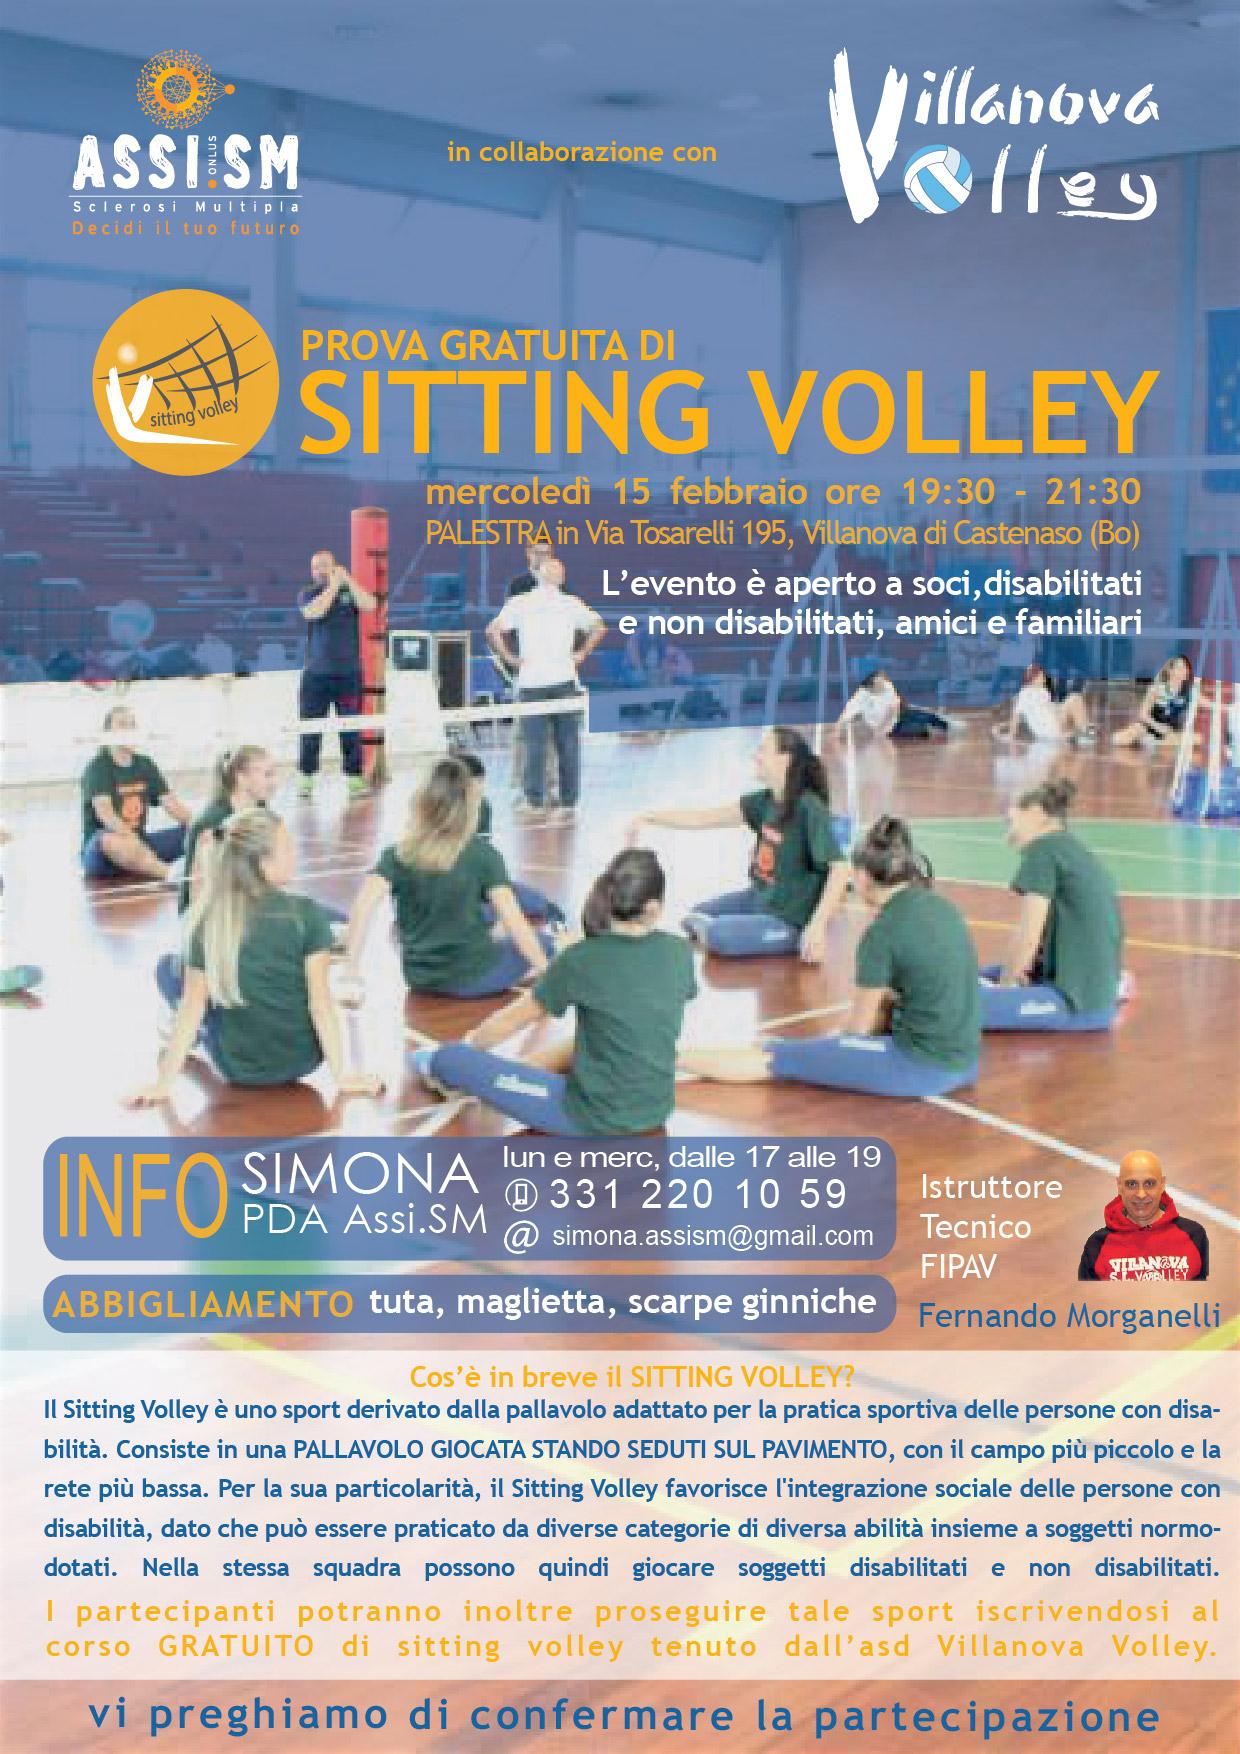 Prova Gratuita Di Sitting Volley